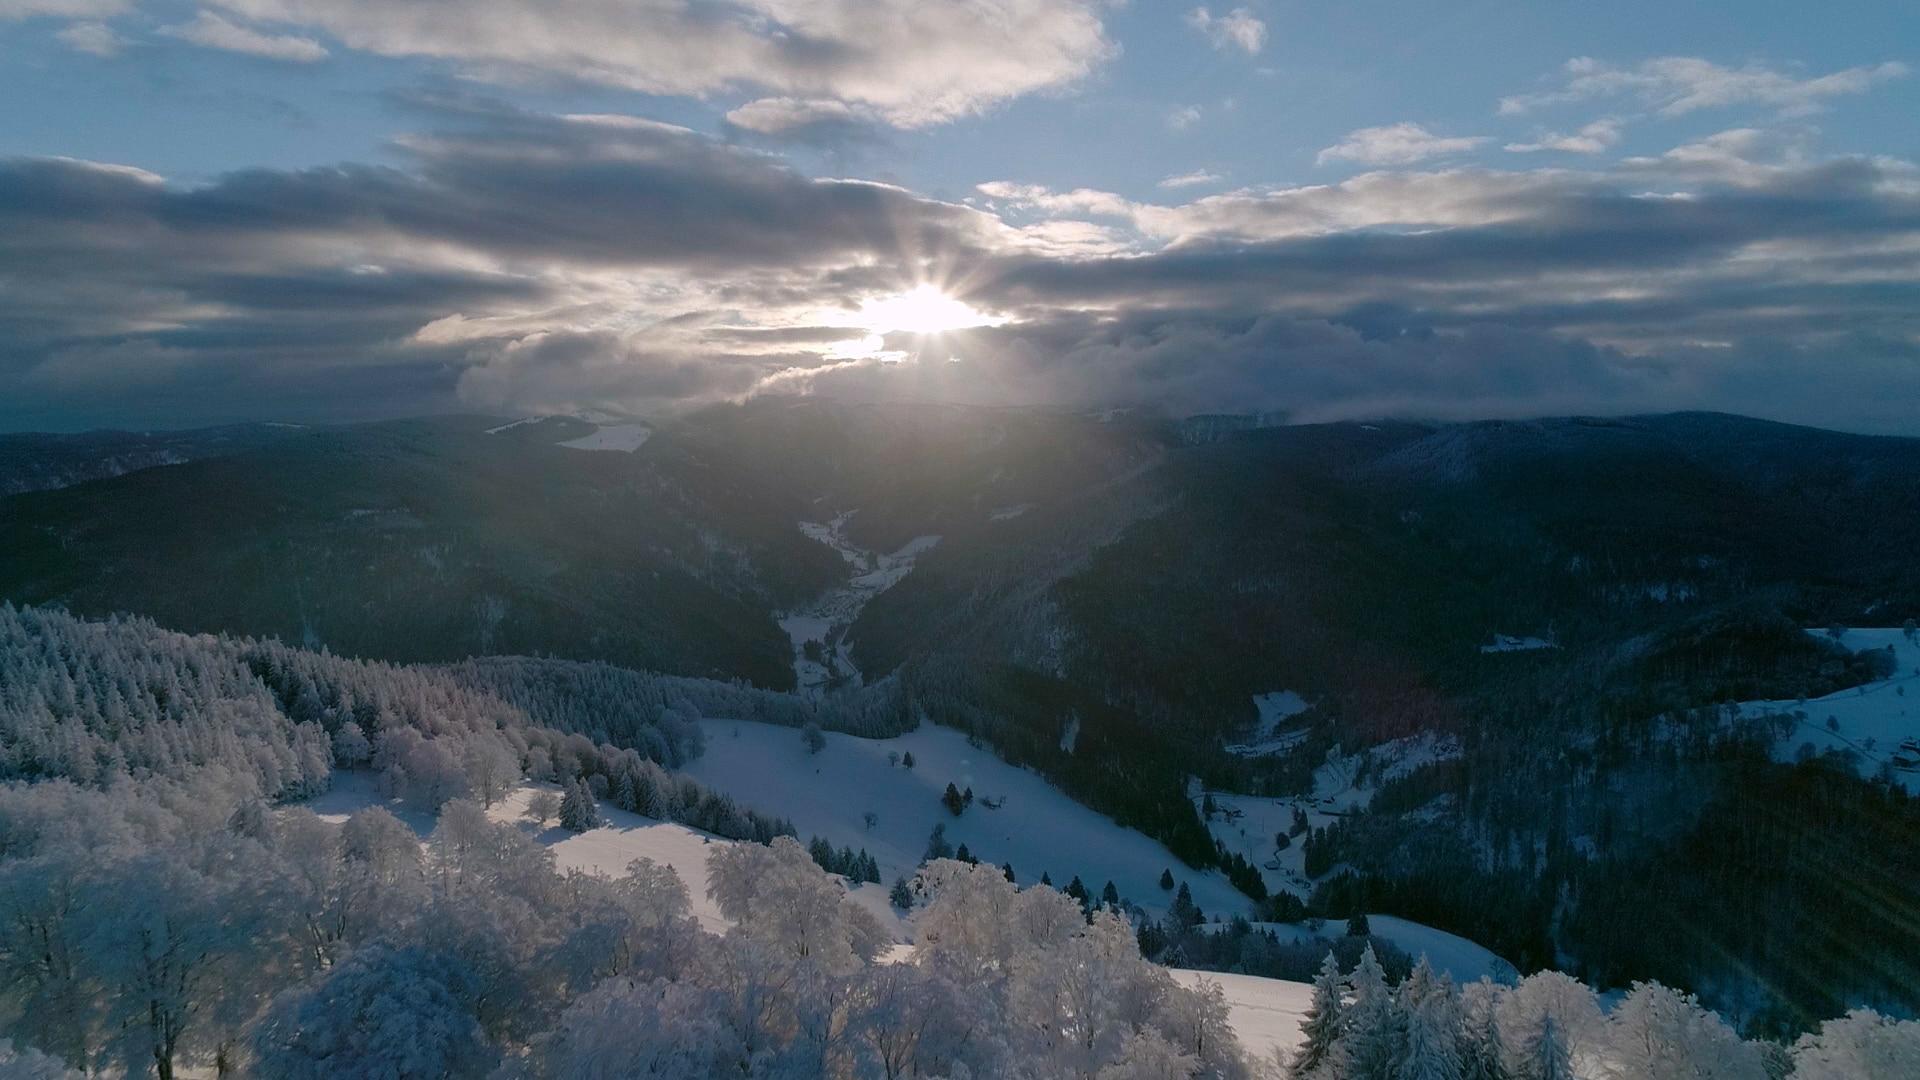 Biosphärengebiet Schwarzwald präsentiert Imagefilm: Premiere am 5. Februar in St. Blasien